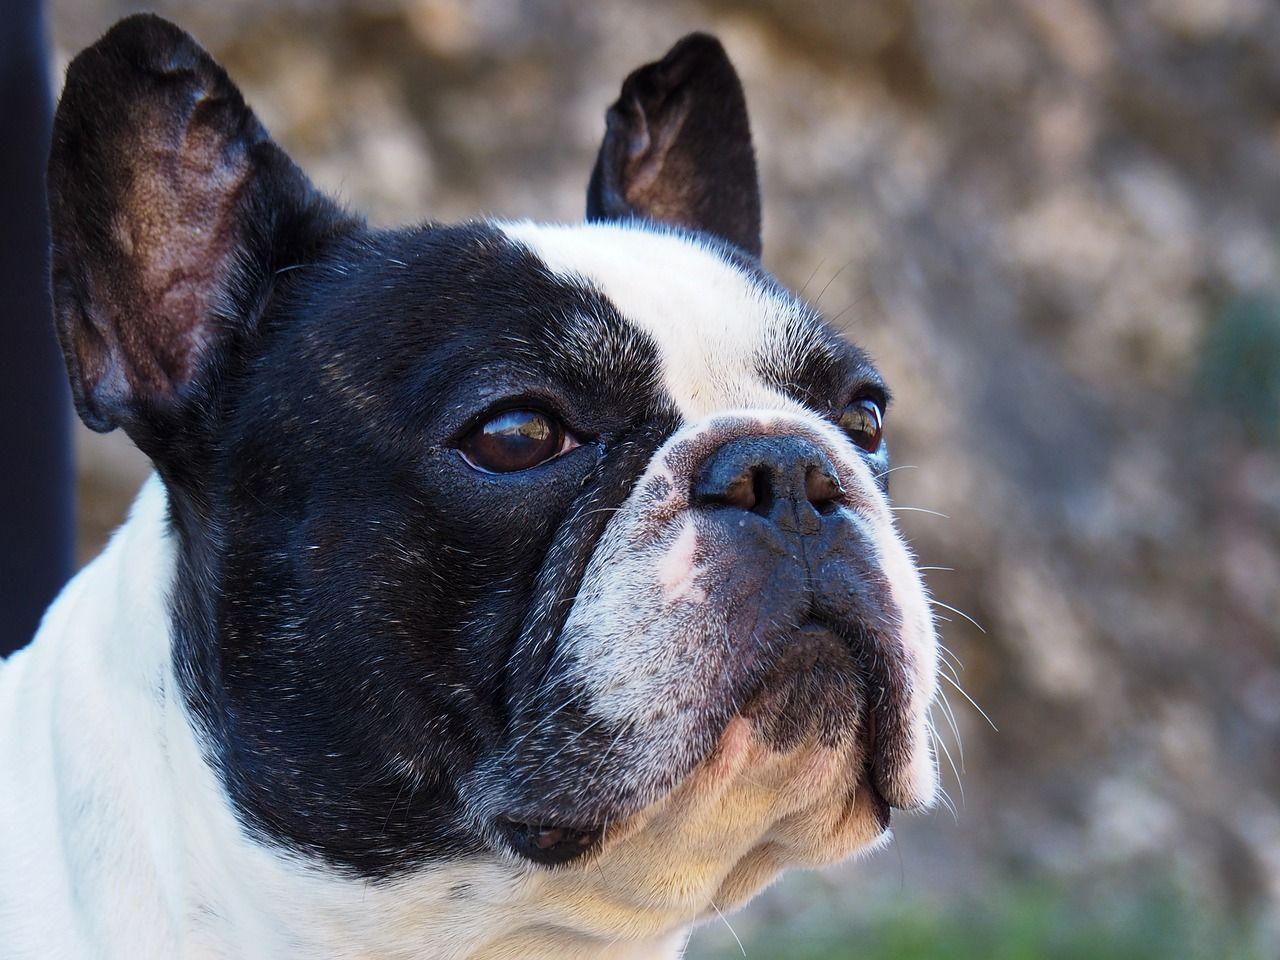 French bulldog bulldog breeds training your dog lap dogs